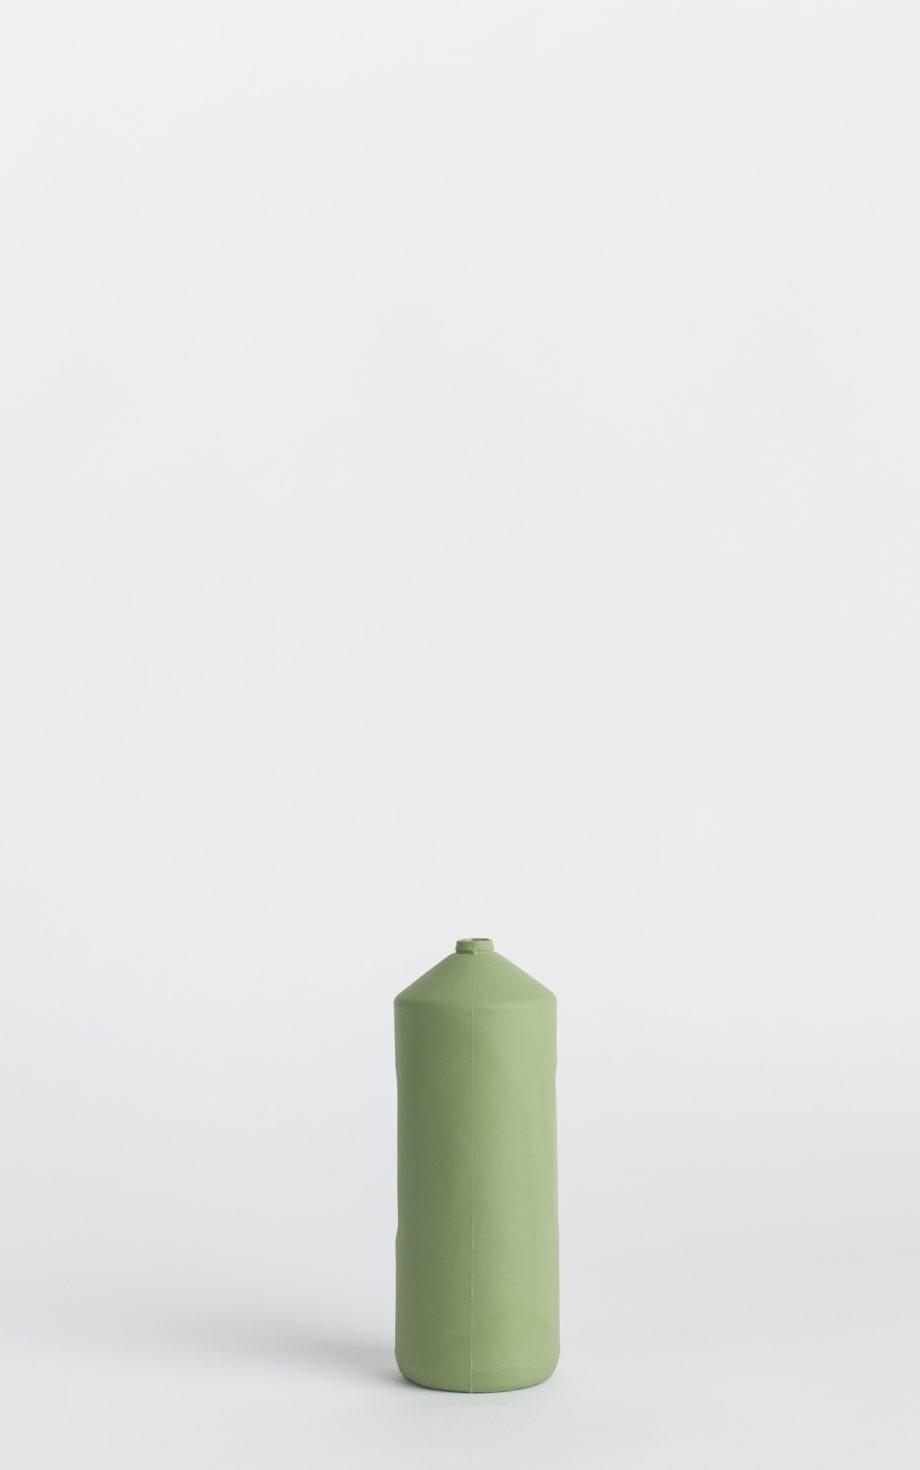 bottle vase #2 dark green army green